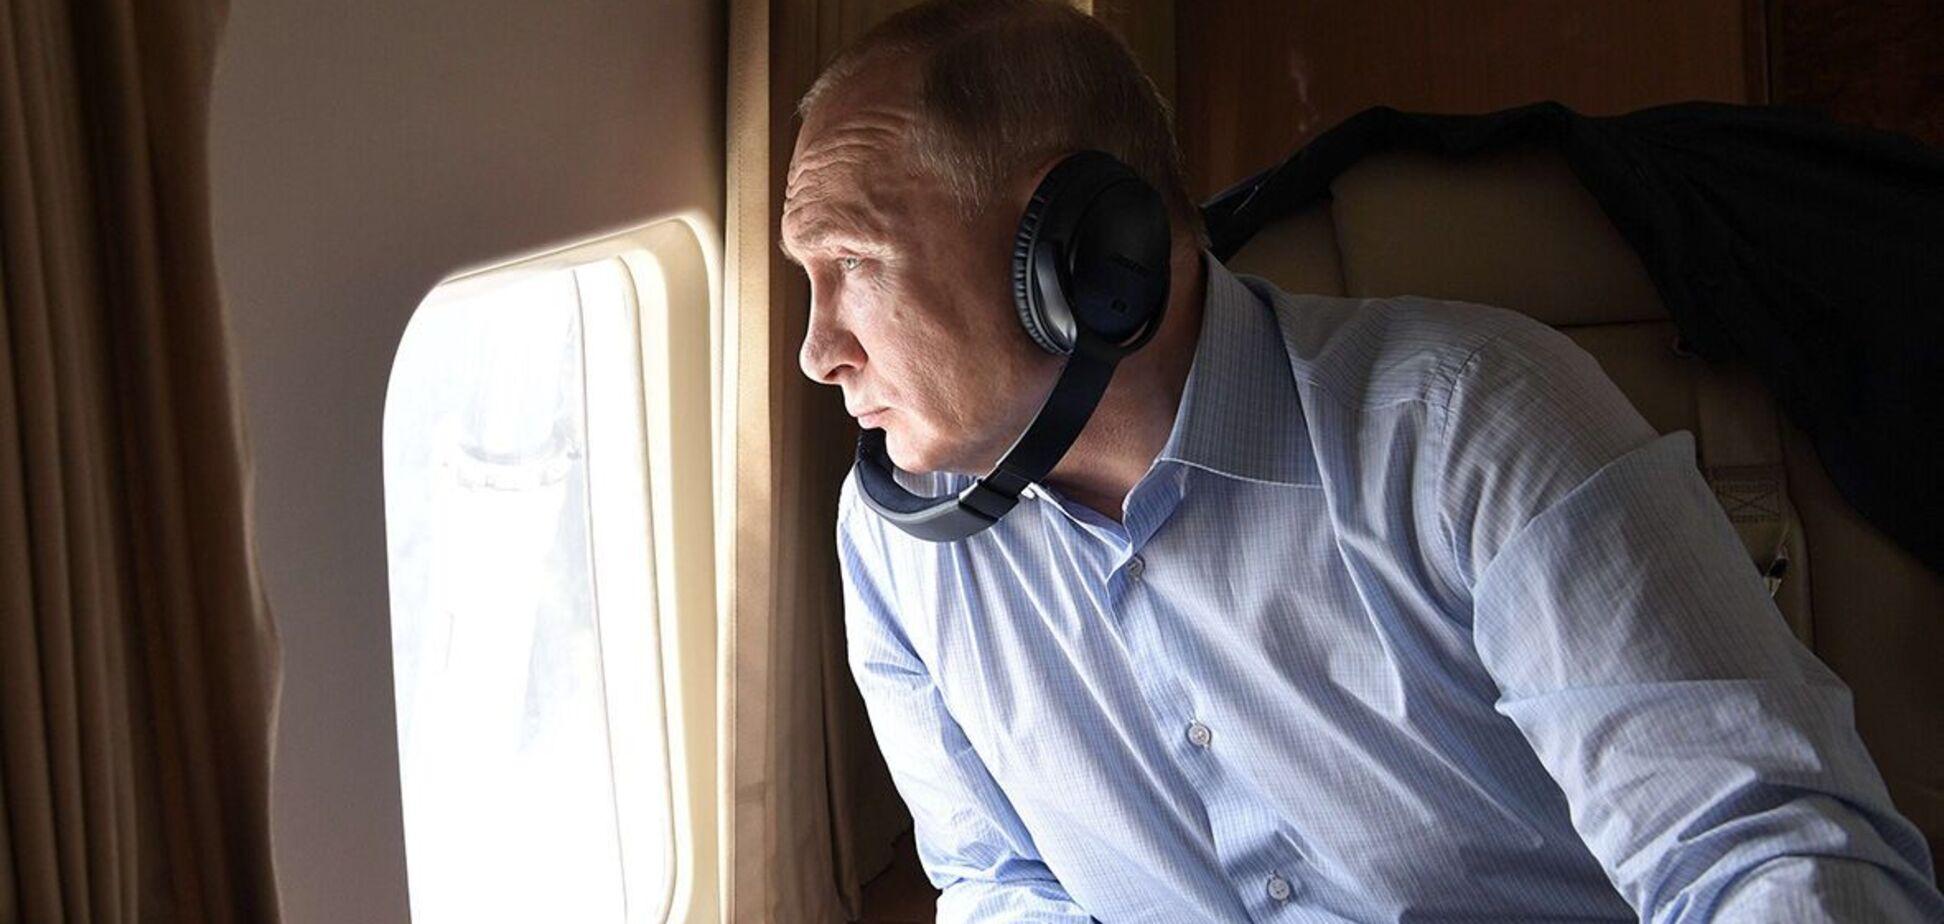 Новини Кримнашу. Пілоти будуть змушені посадити літак Путіна ... в Гаазі